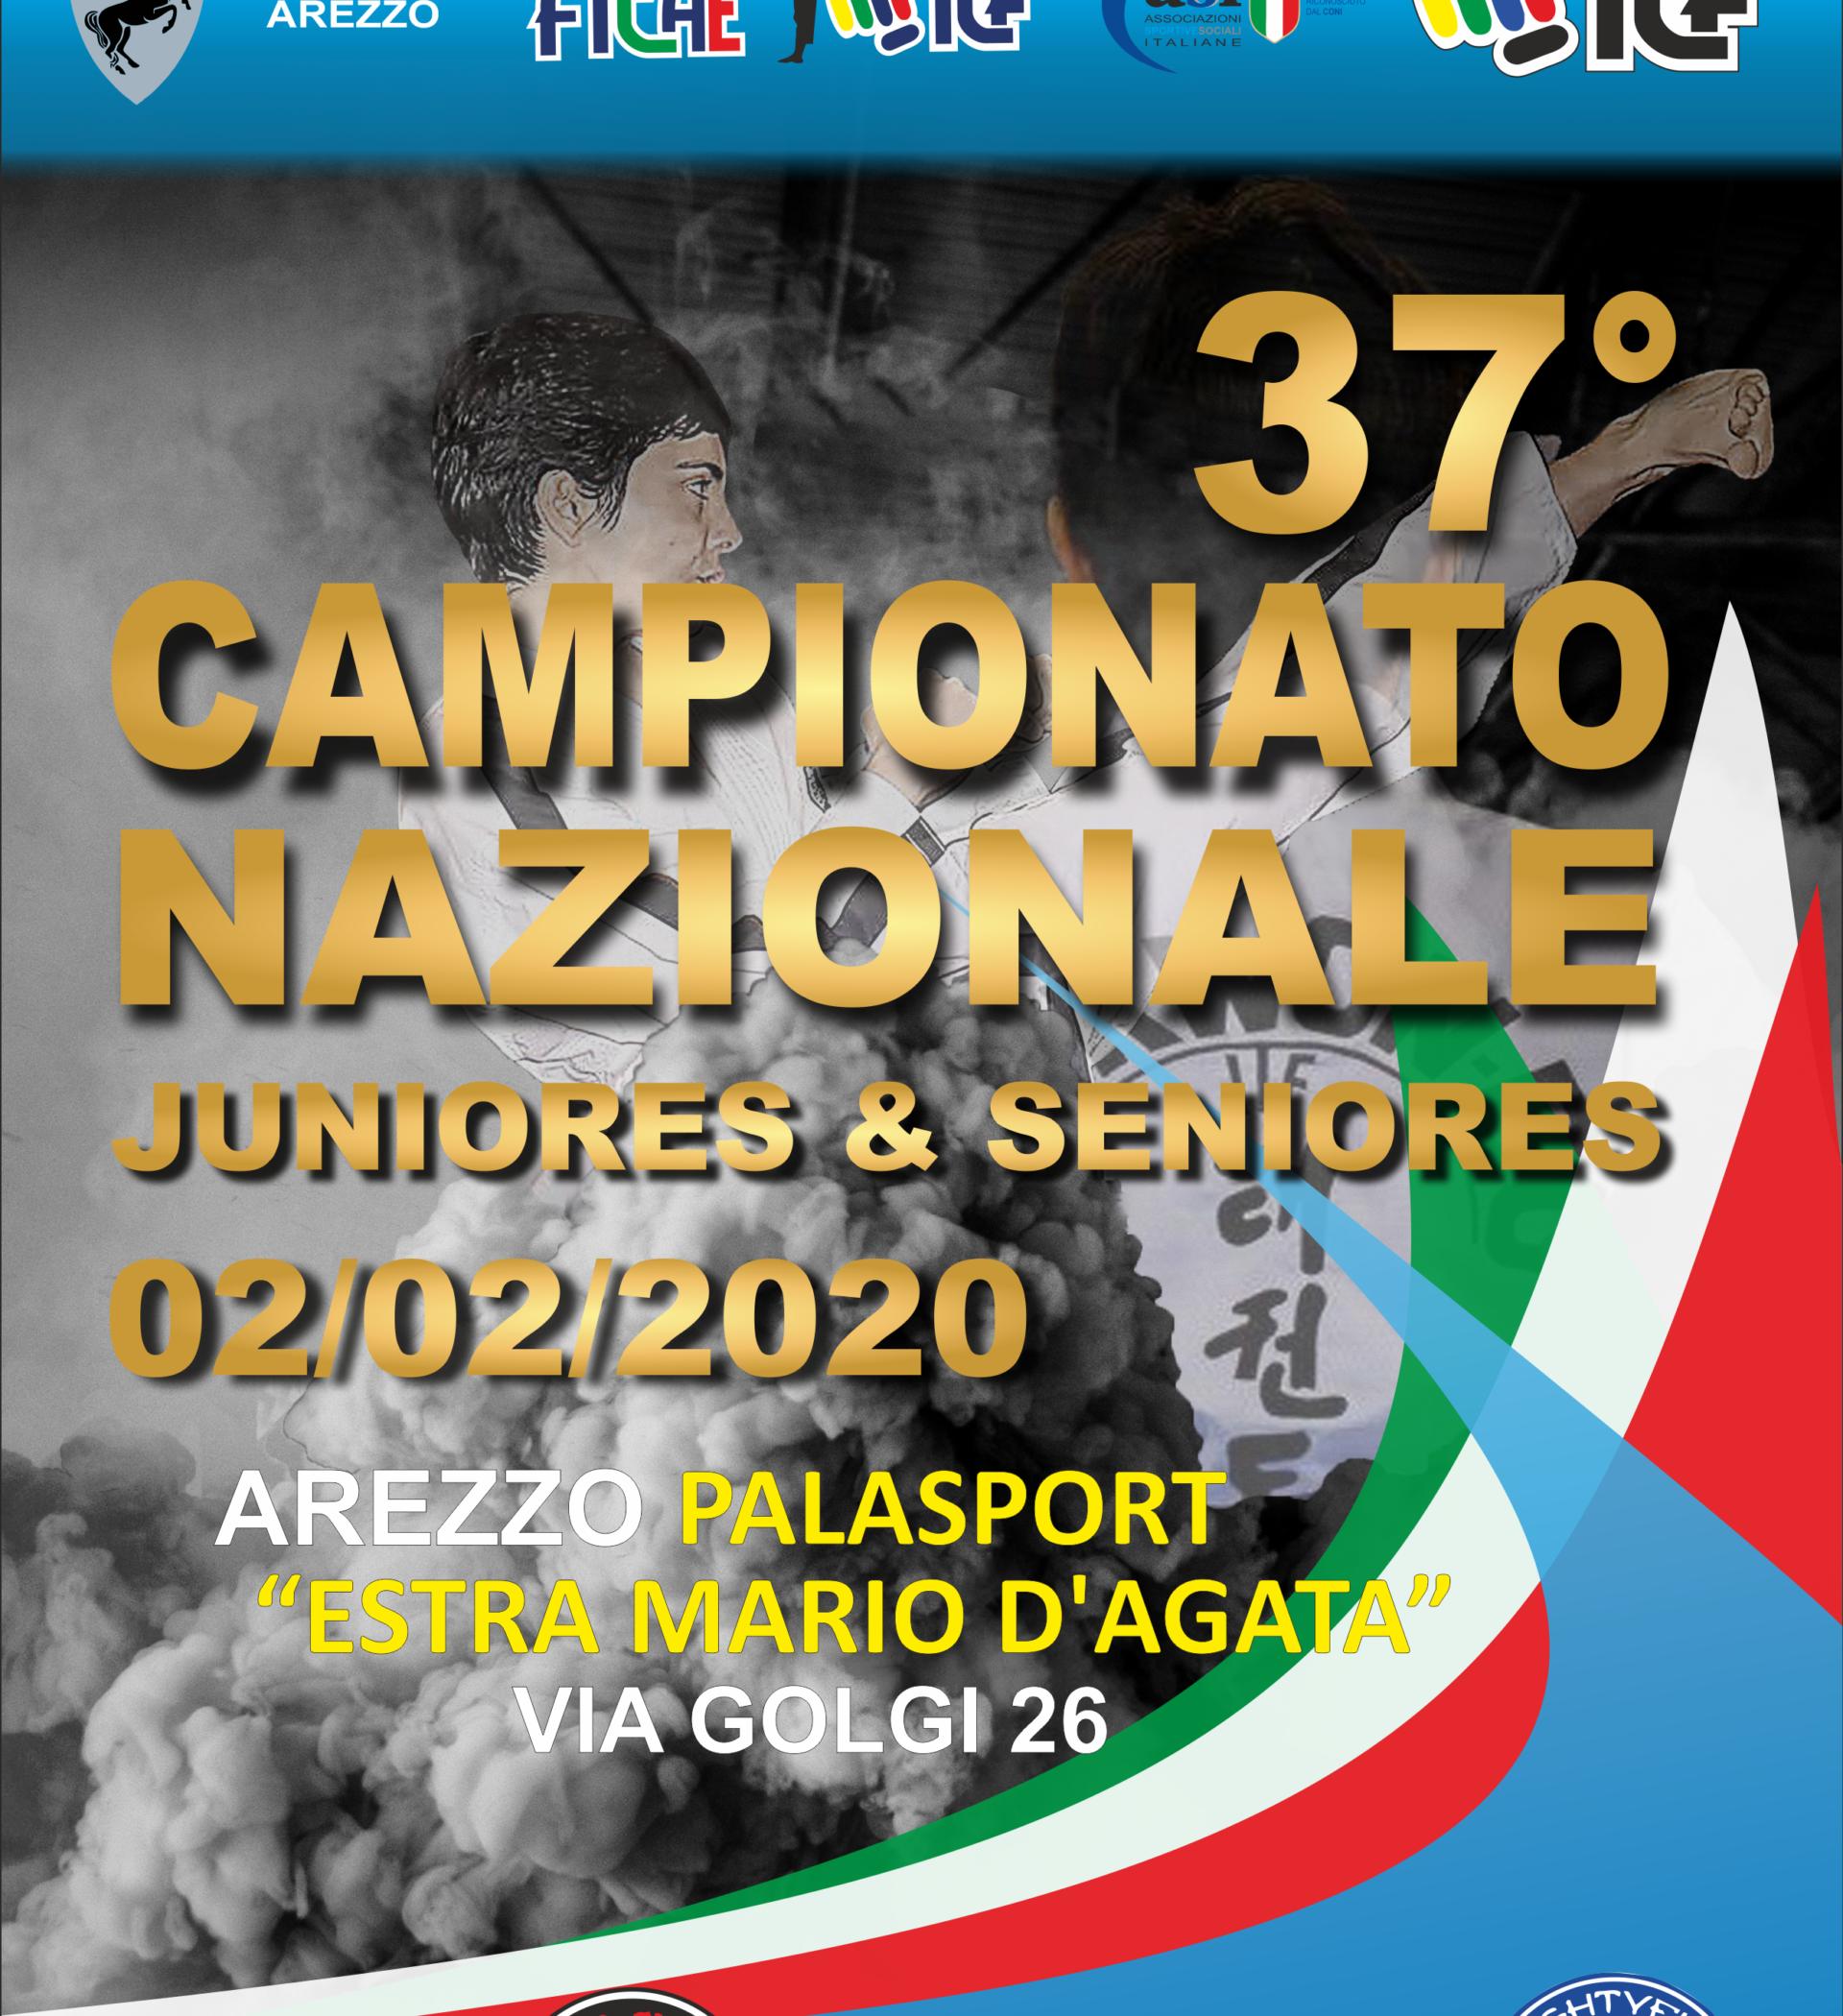 CAMPIONATO NAZIONALE<BR> JUNIORES E SENIORES<BR> AREZZO, 02/02/2020